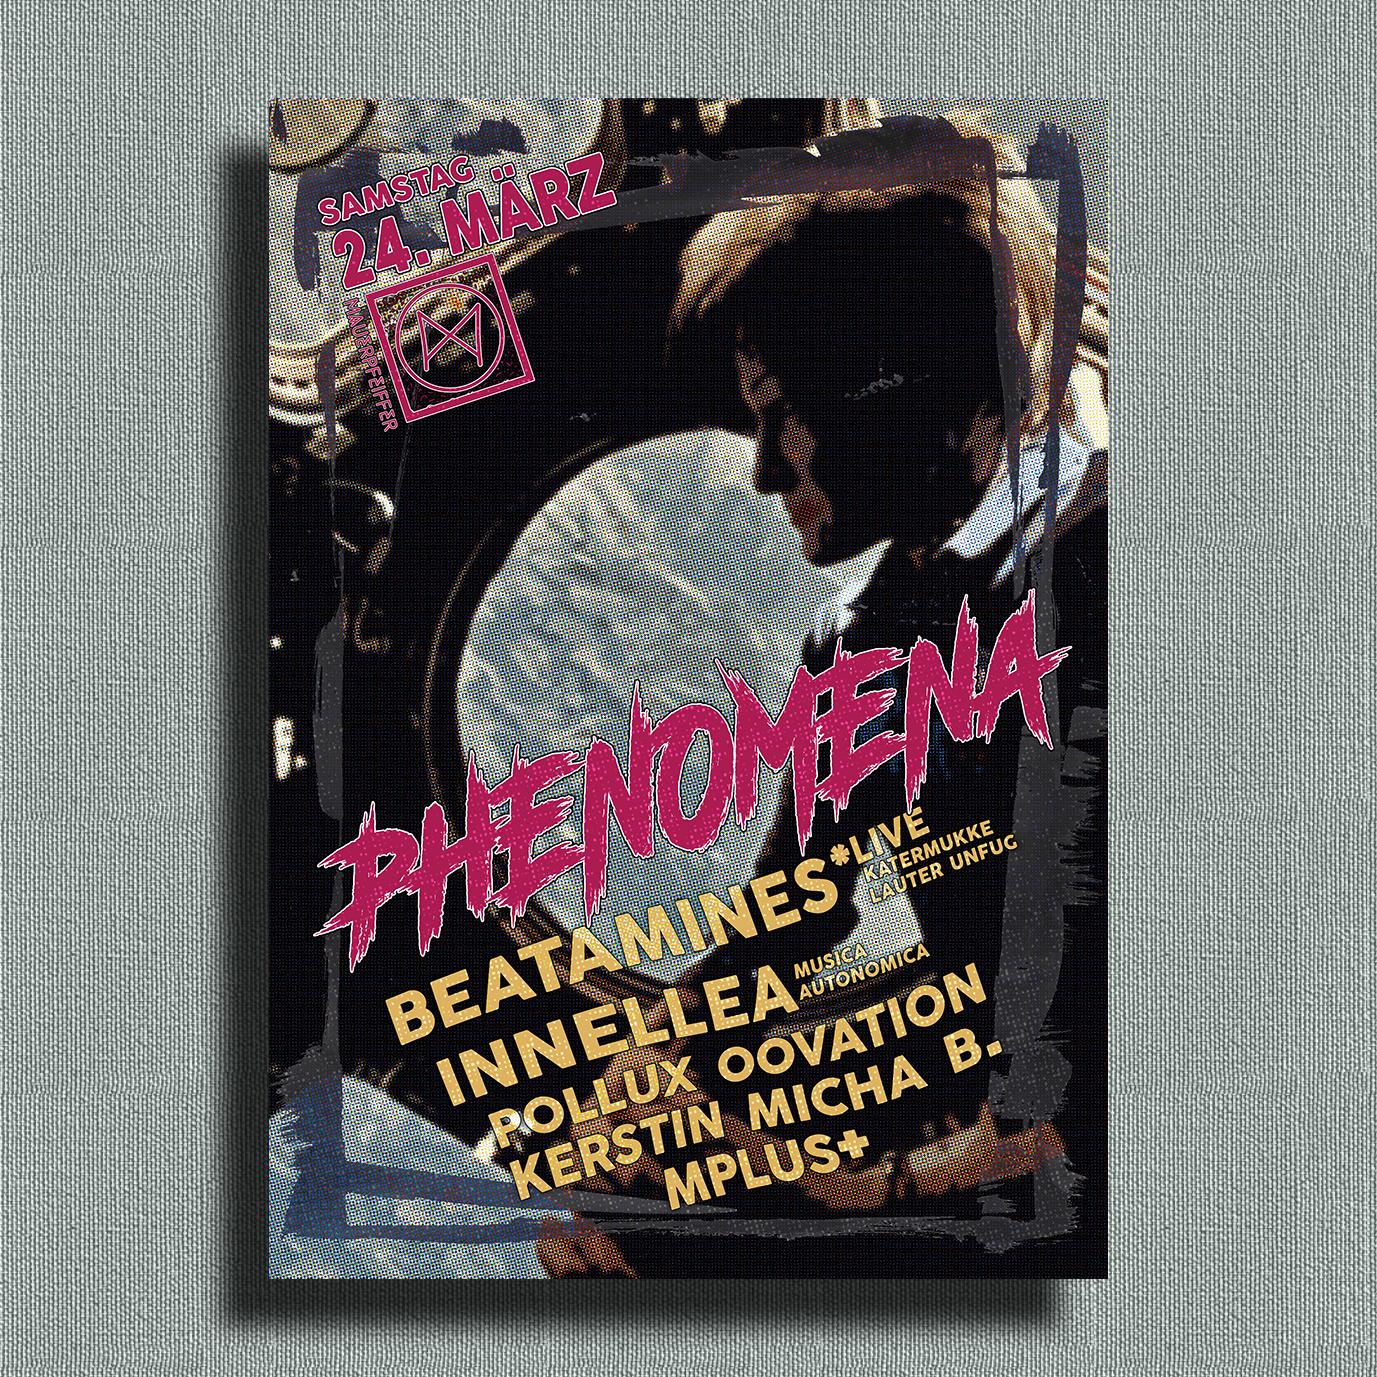 Phenomena ➠ Beatamines Live! & Innellea